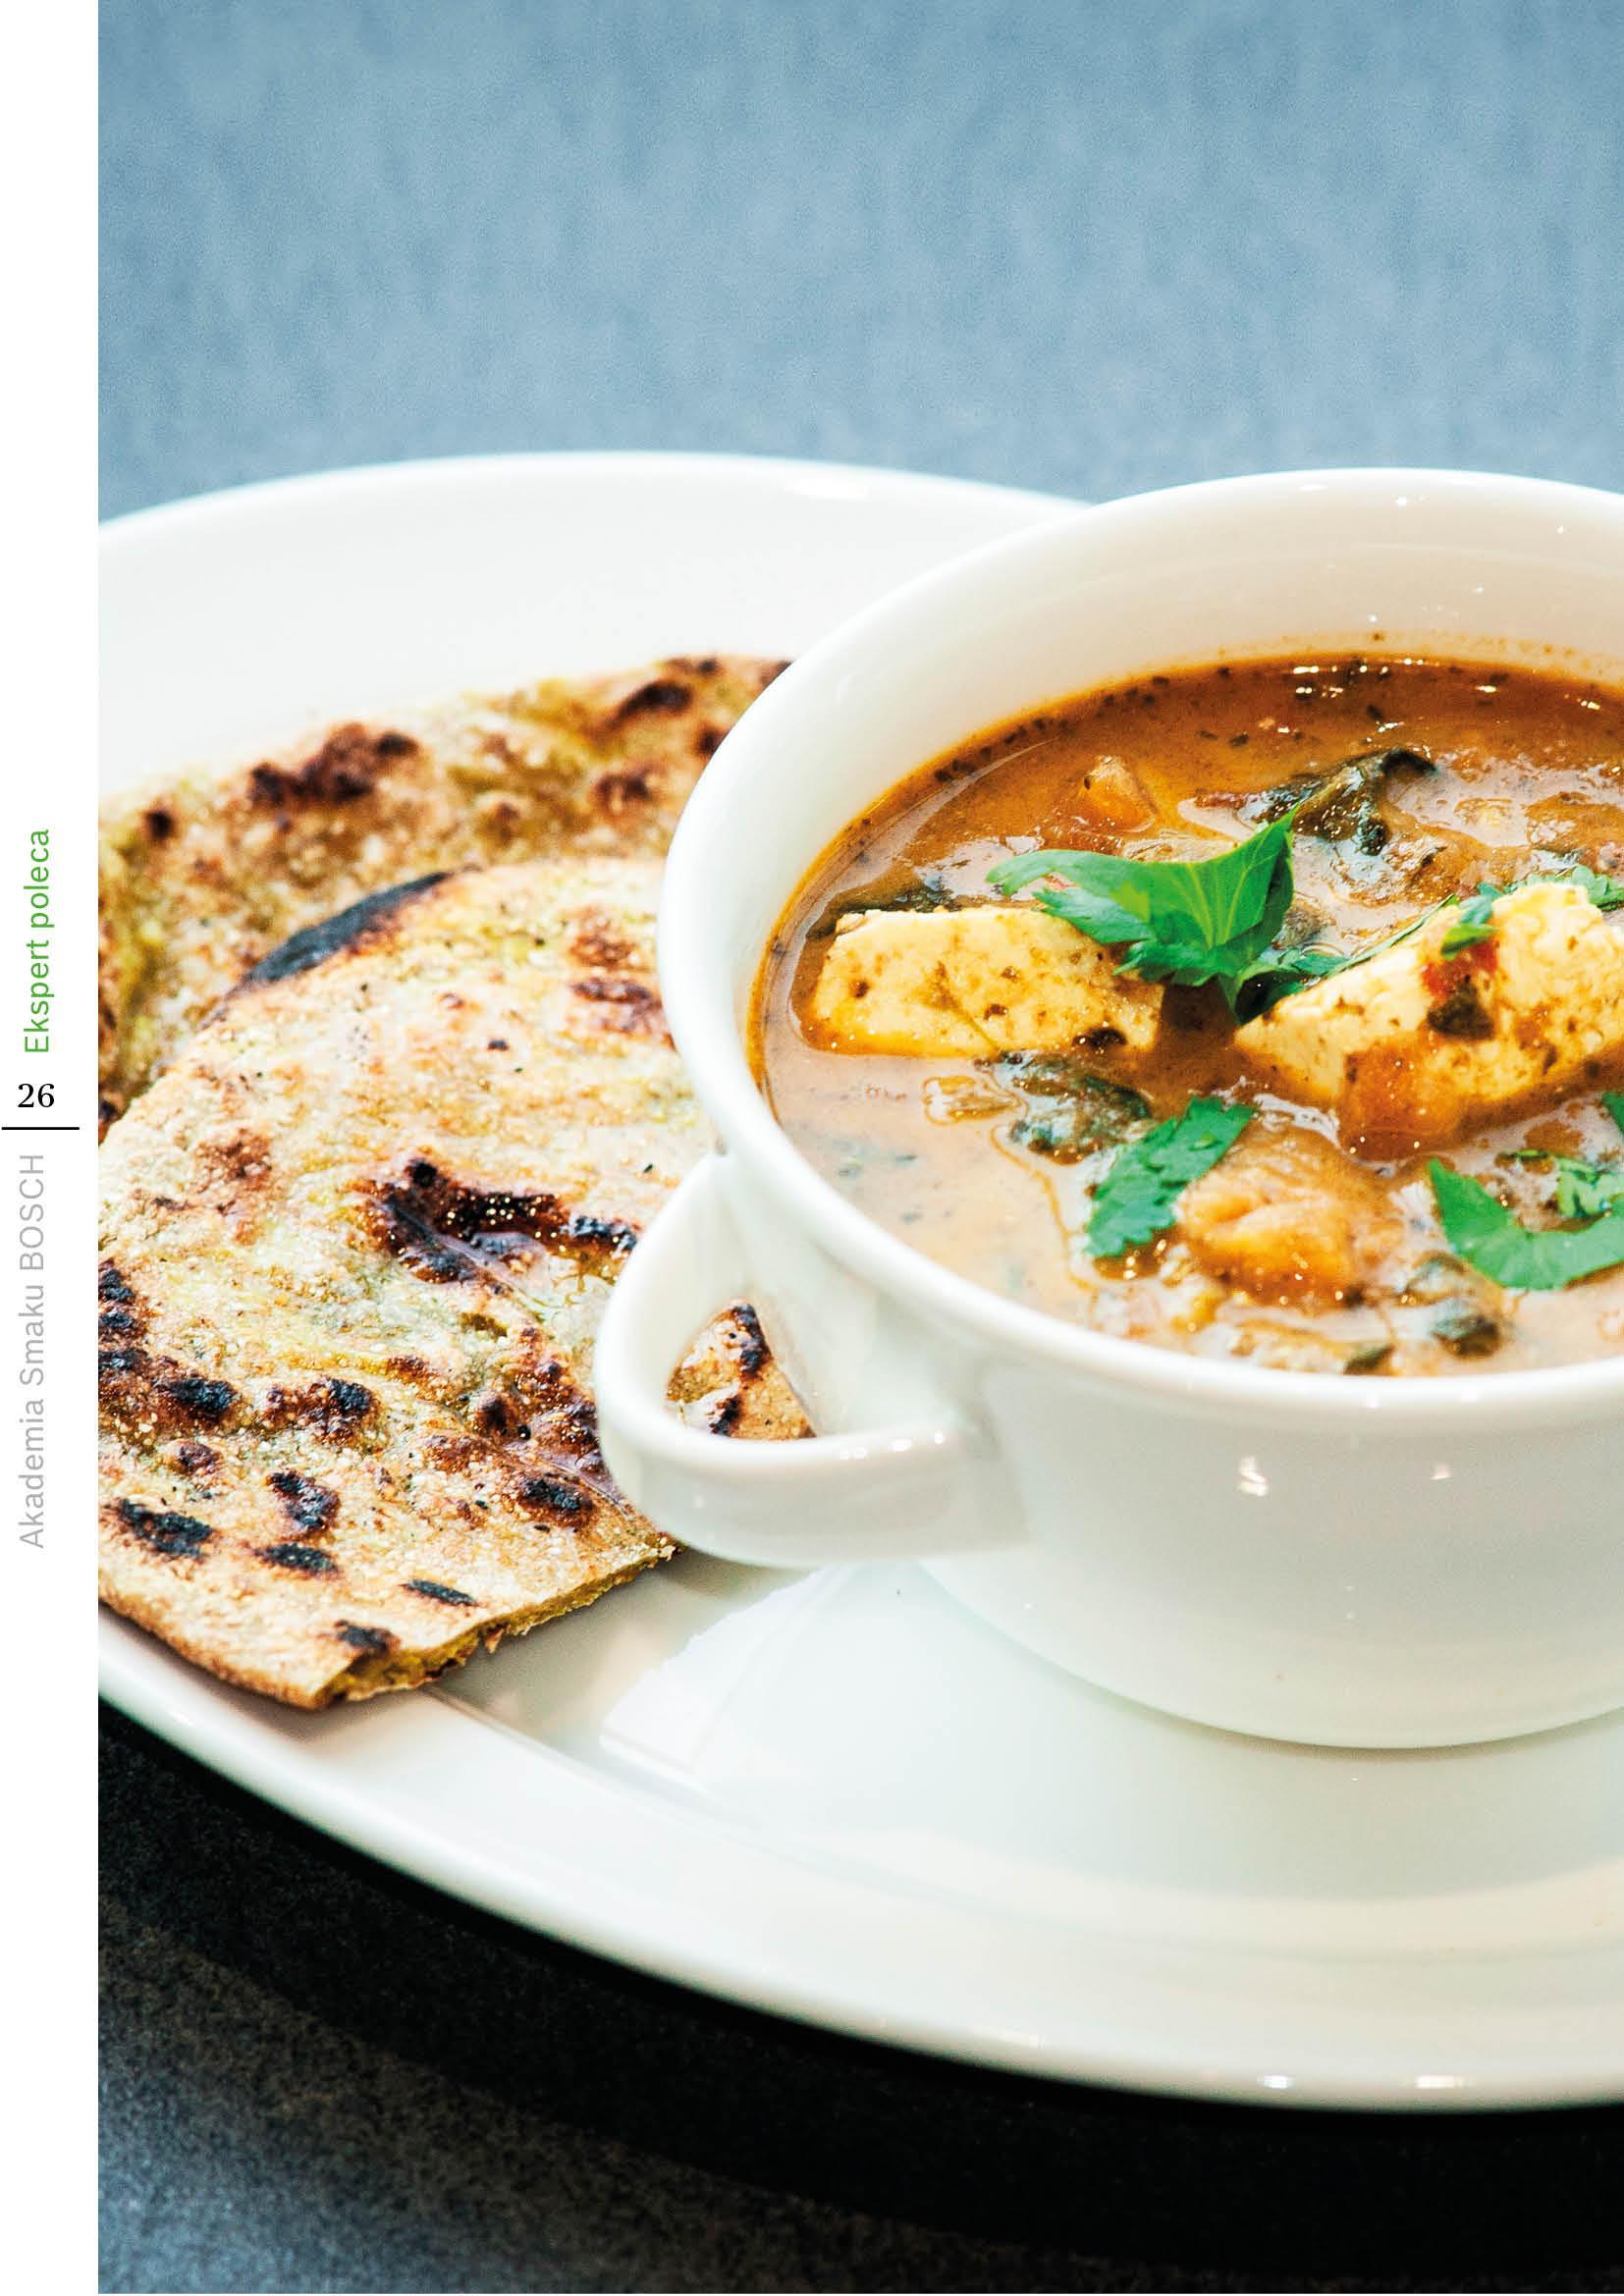 Orientuj się na curry - Strona 26